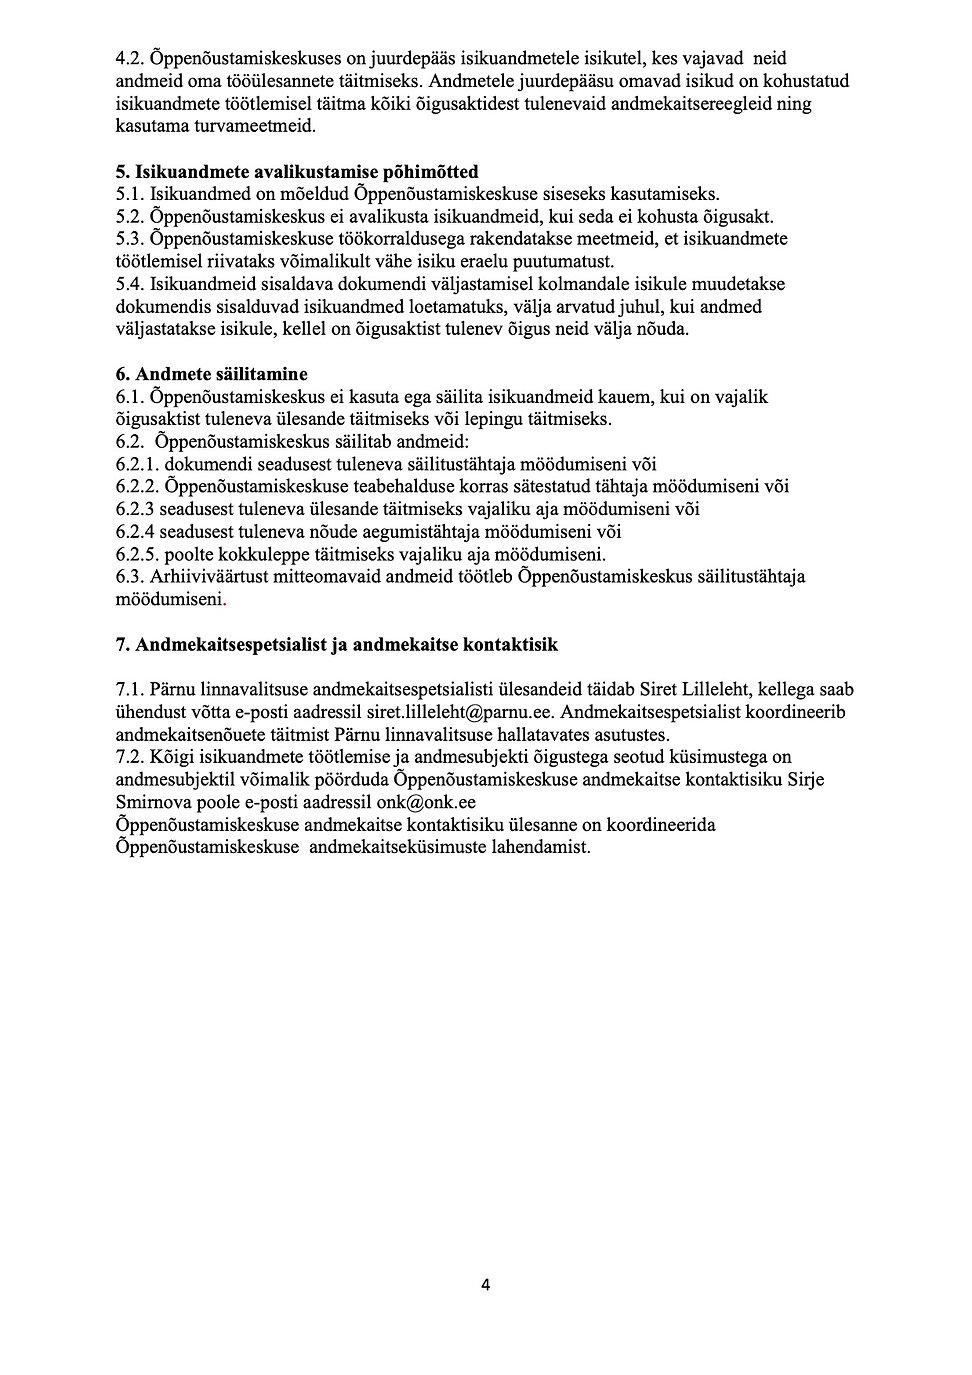 4._Pärnu_ÕNK_Isikuandmete_töötlemise_tin